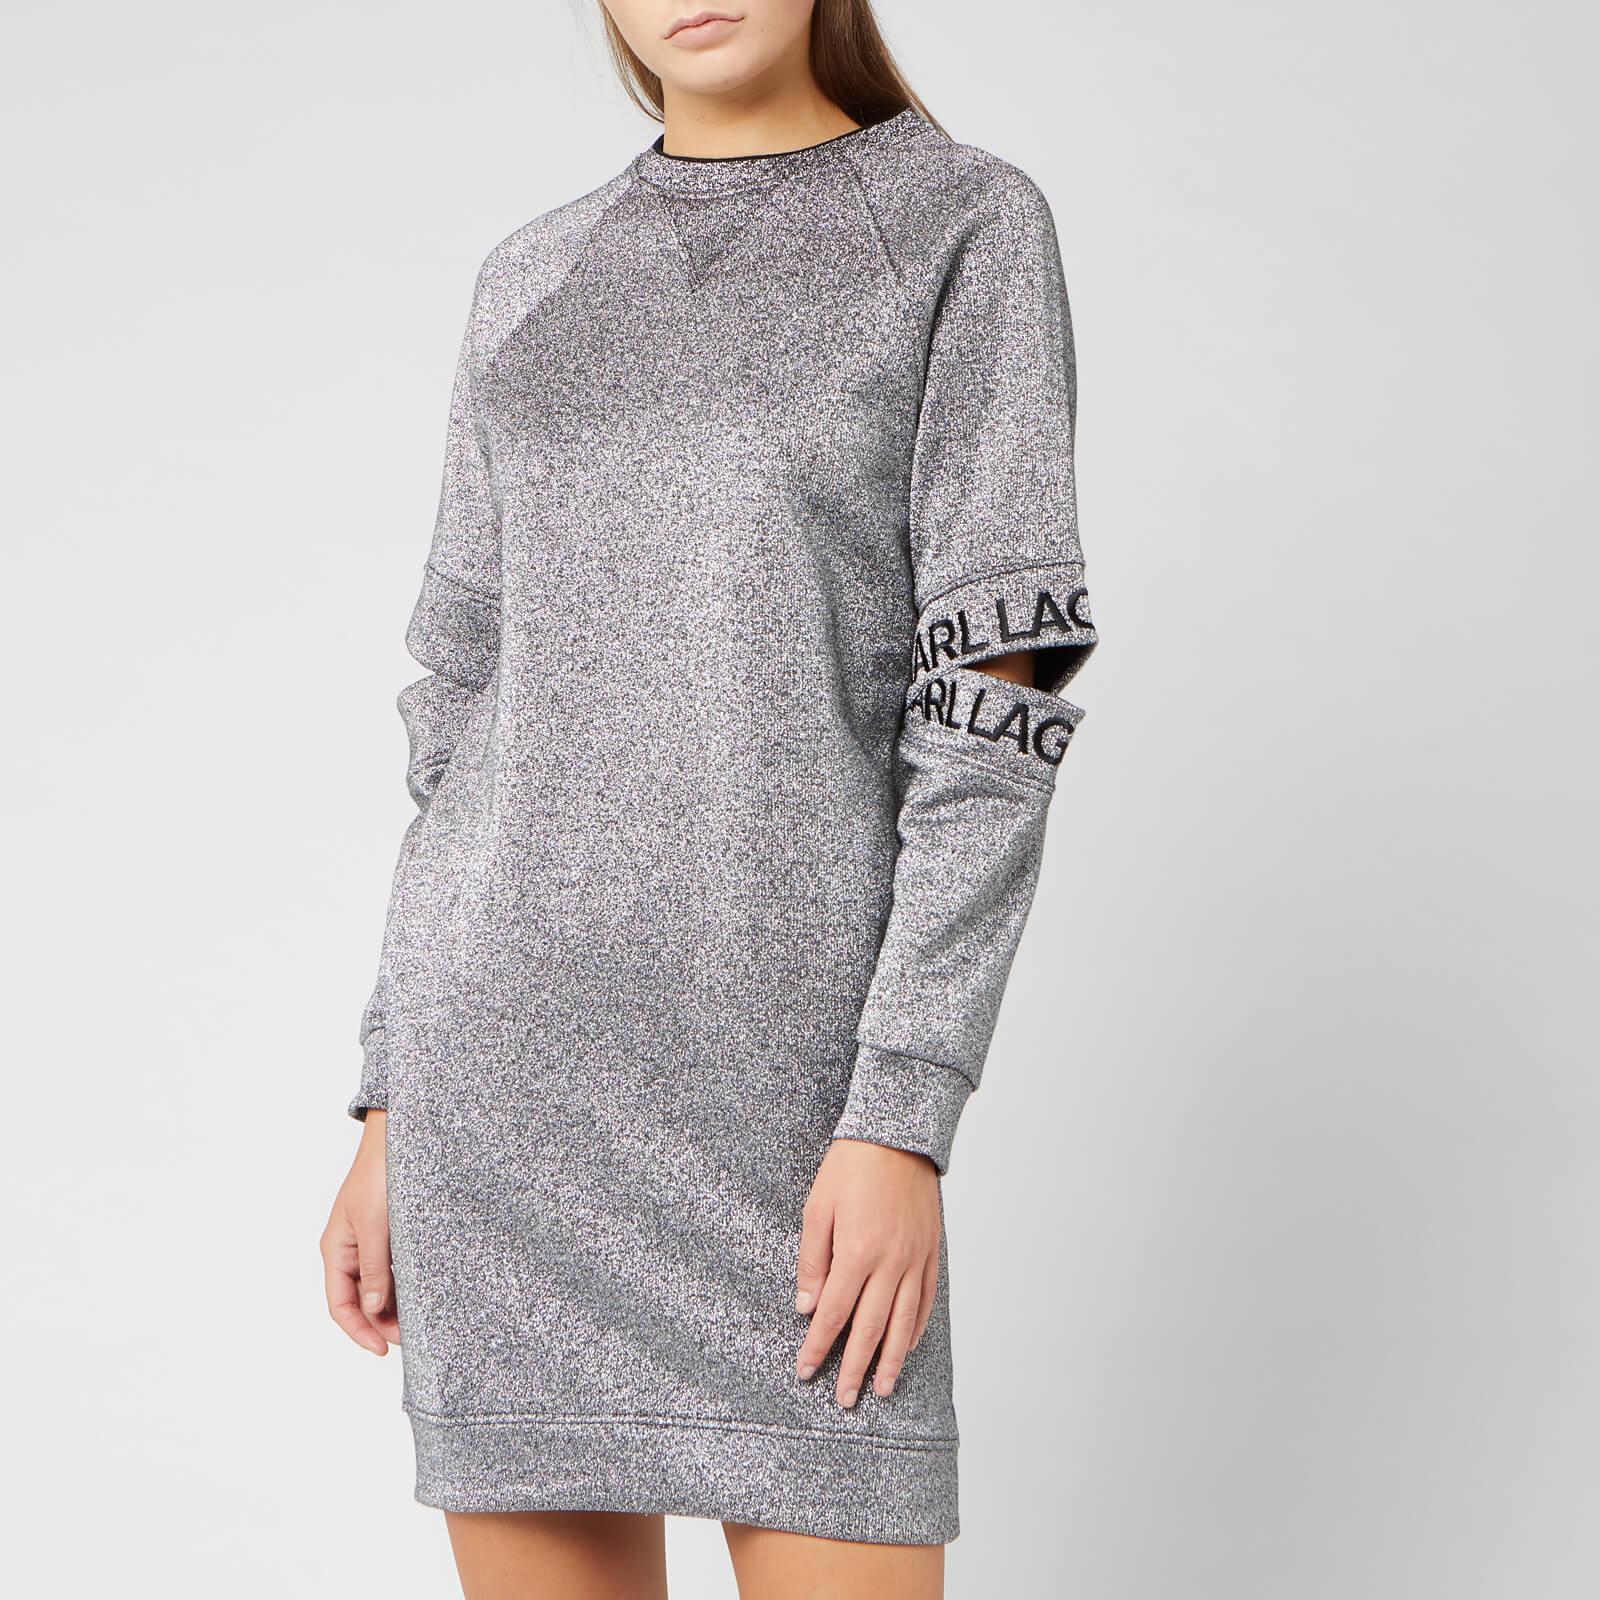 Karl Lagerfeld Women's Cut Out Sleeve Sweat Dress - Silver - M